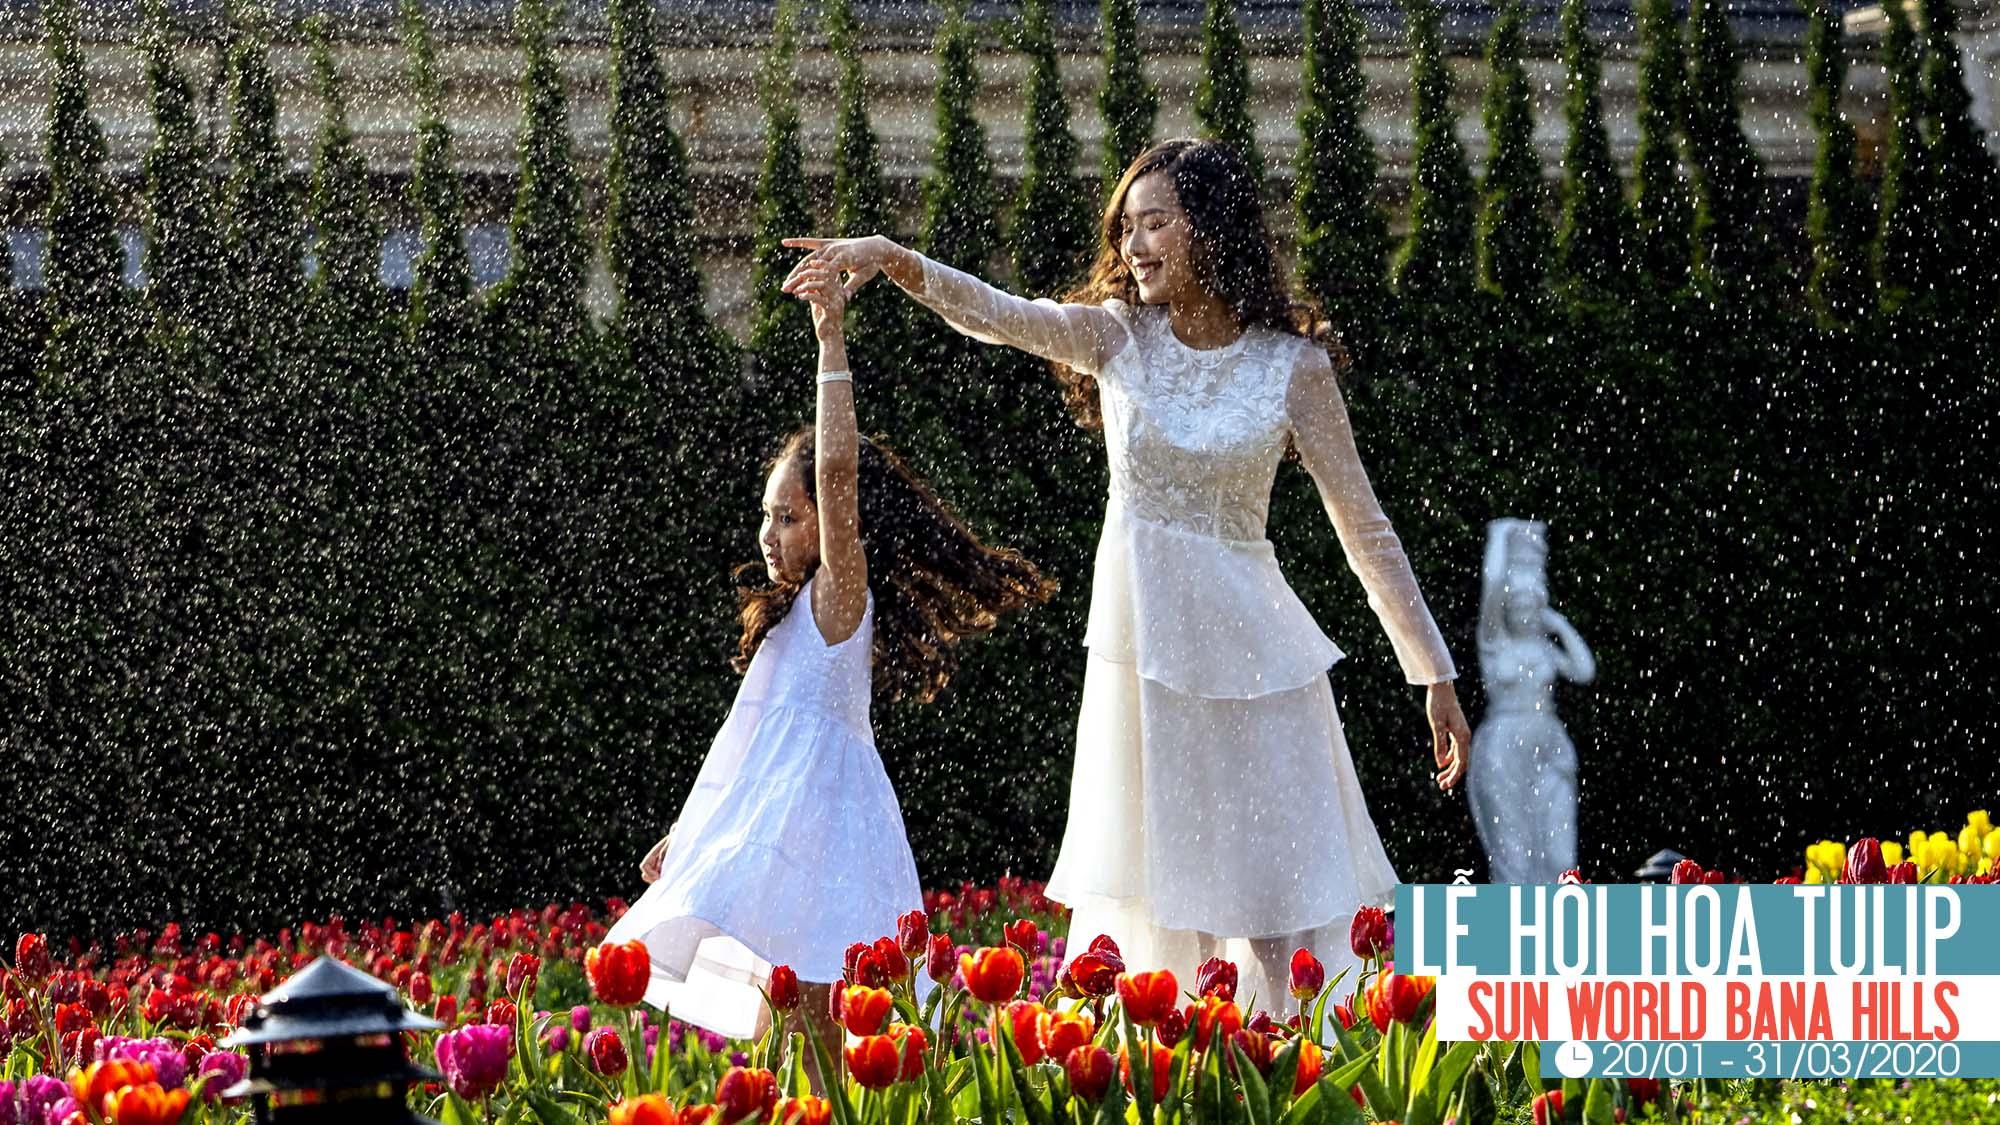 Le Hoi Hoa Tulip 2020